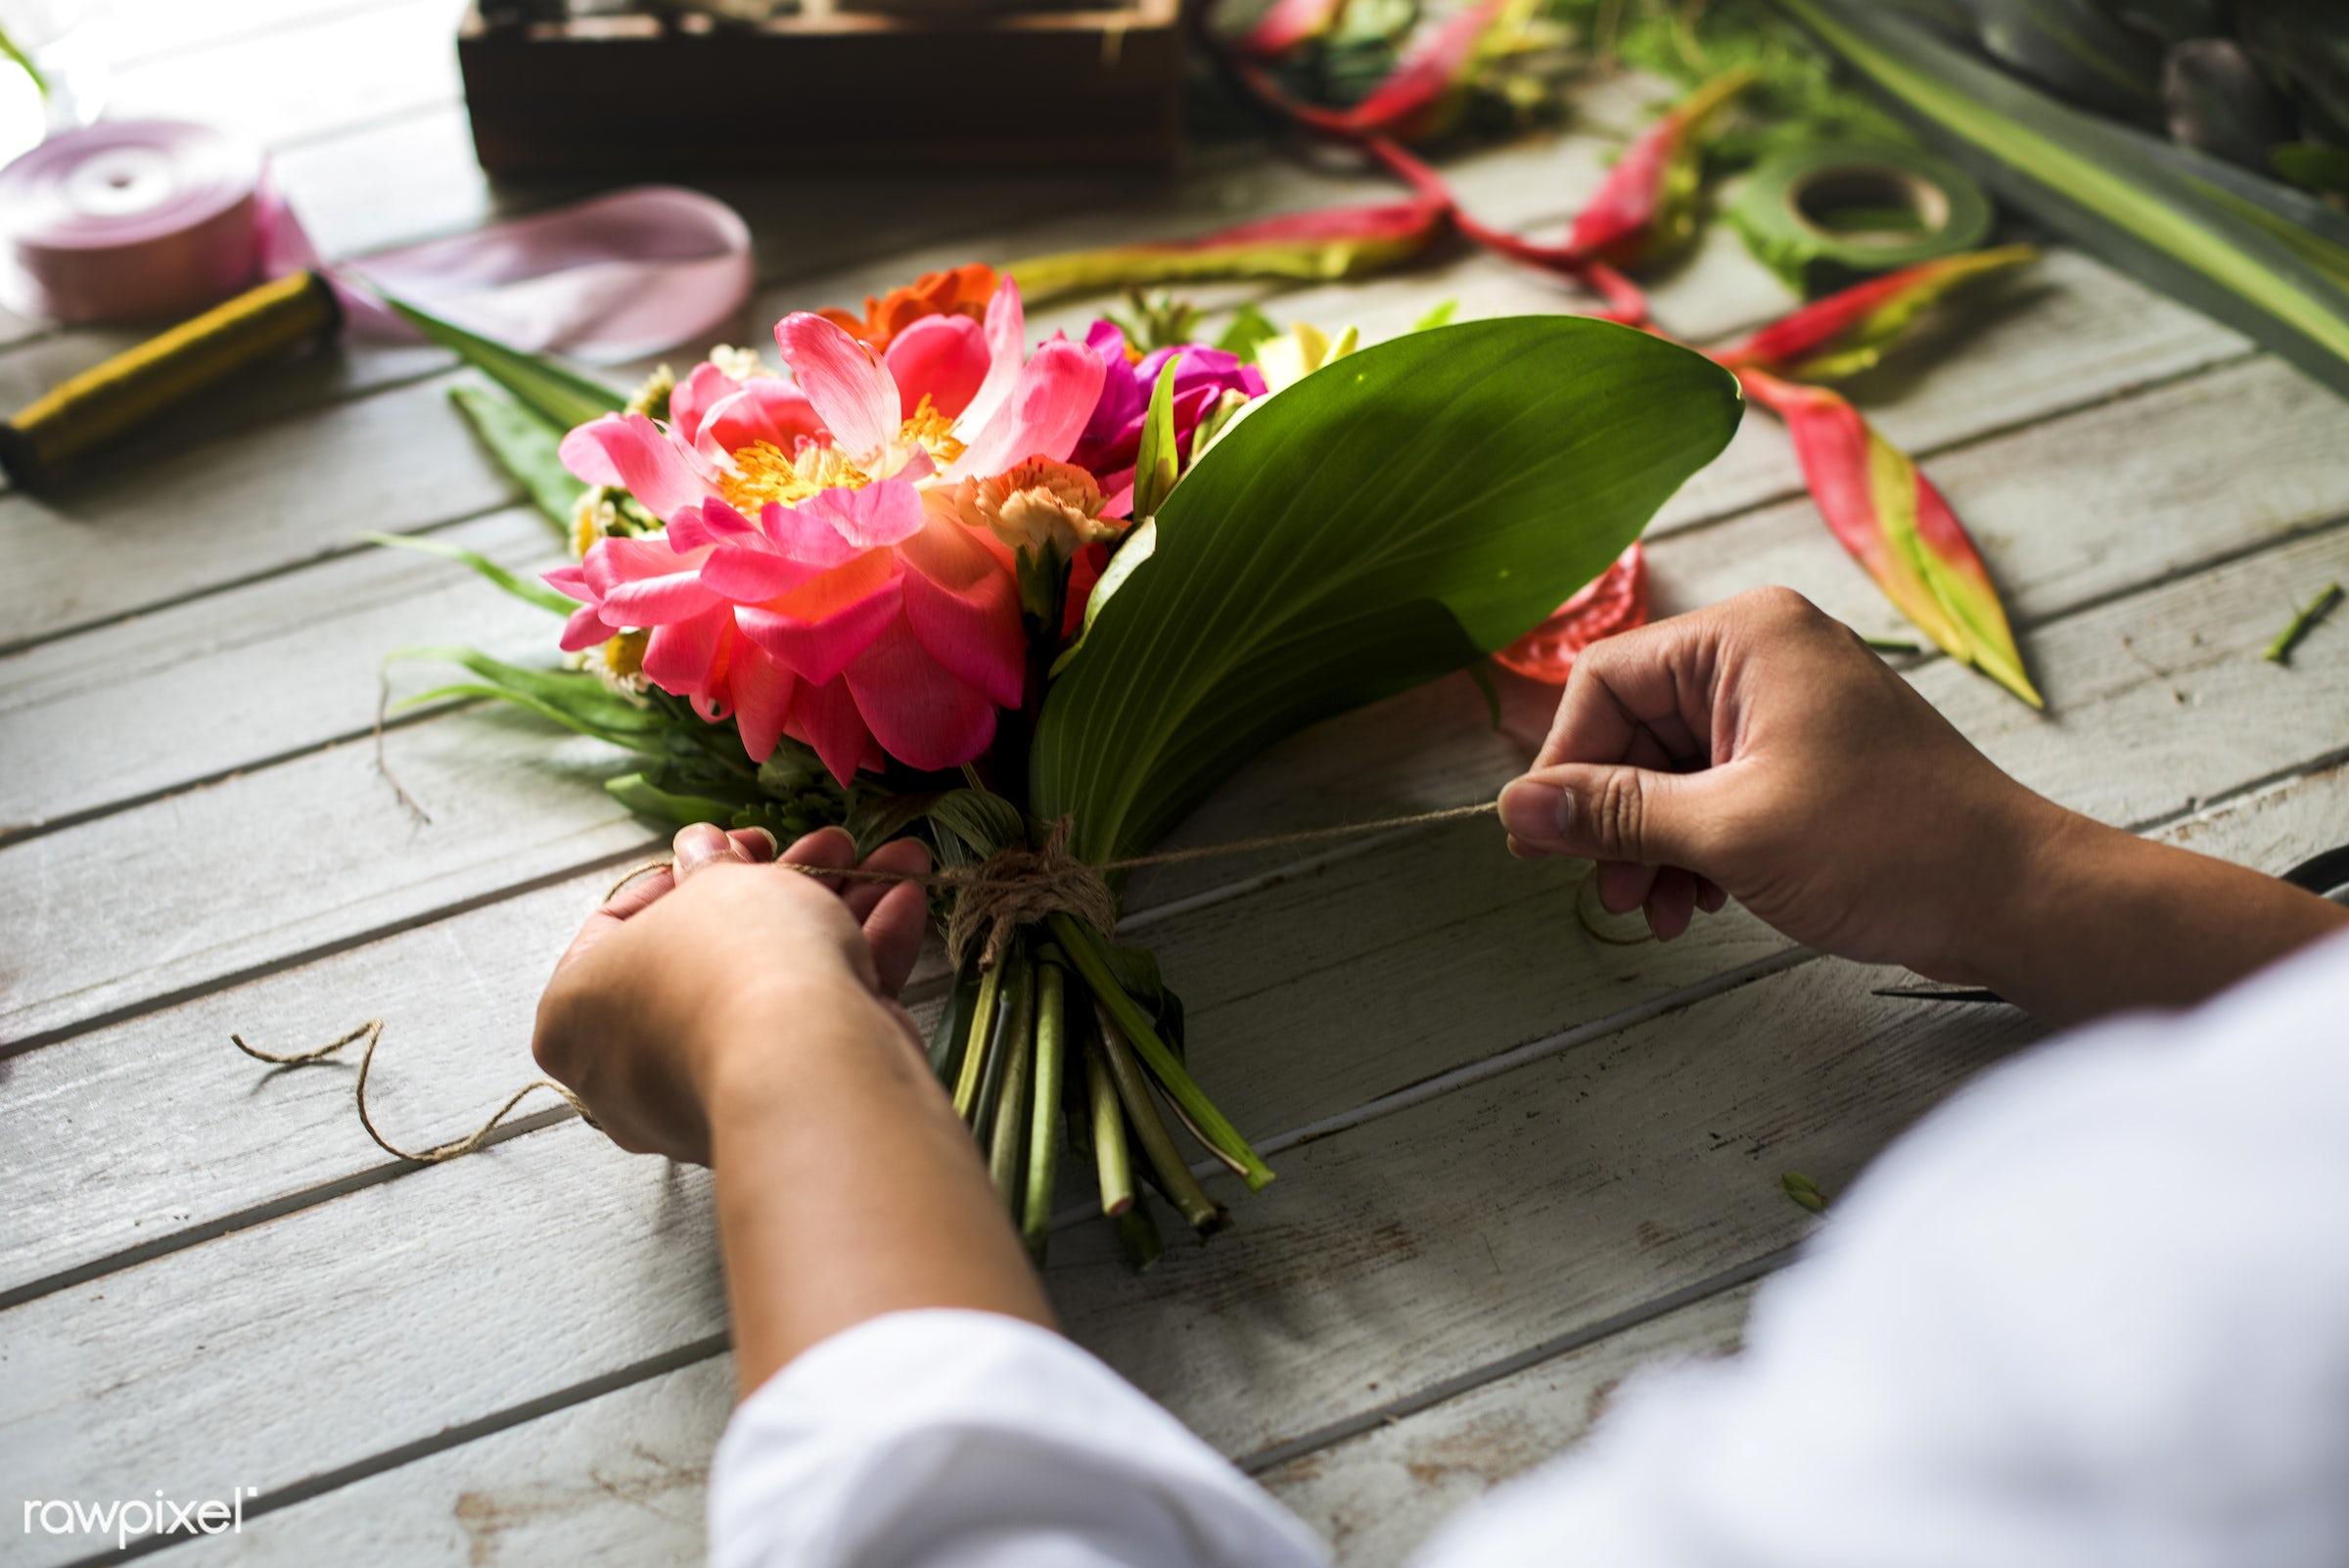 plant, bouquet, person, fresh, hands, flower, flora, decoration, refreshment, leisure, table, florist, flower shop, wooden,...